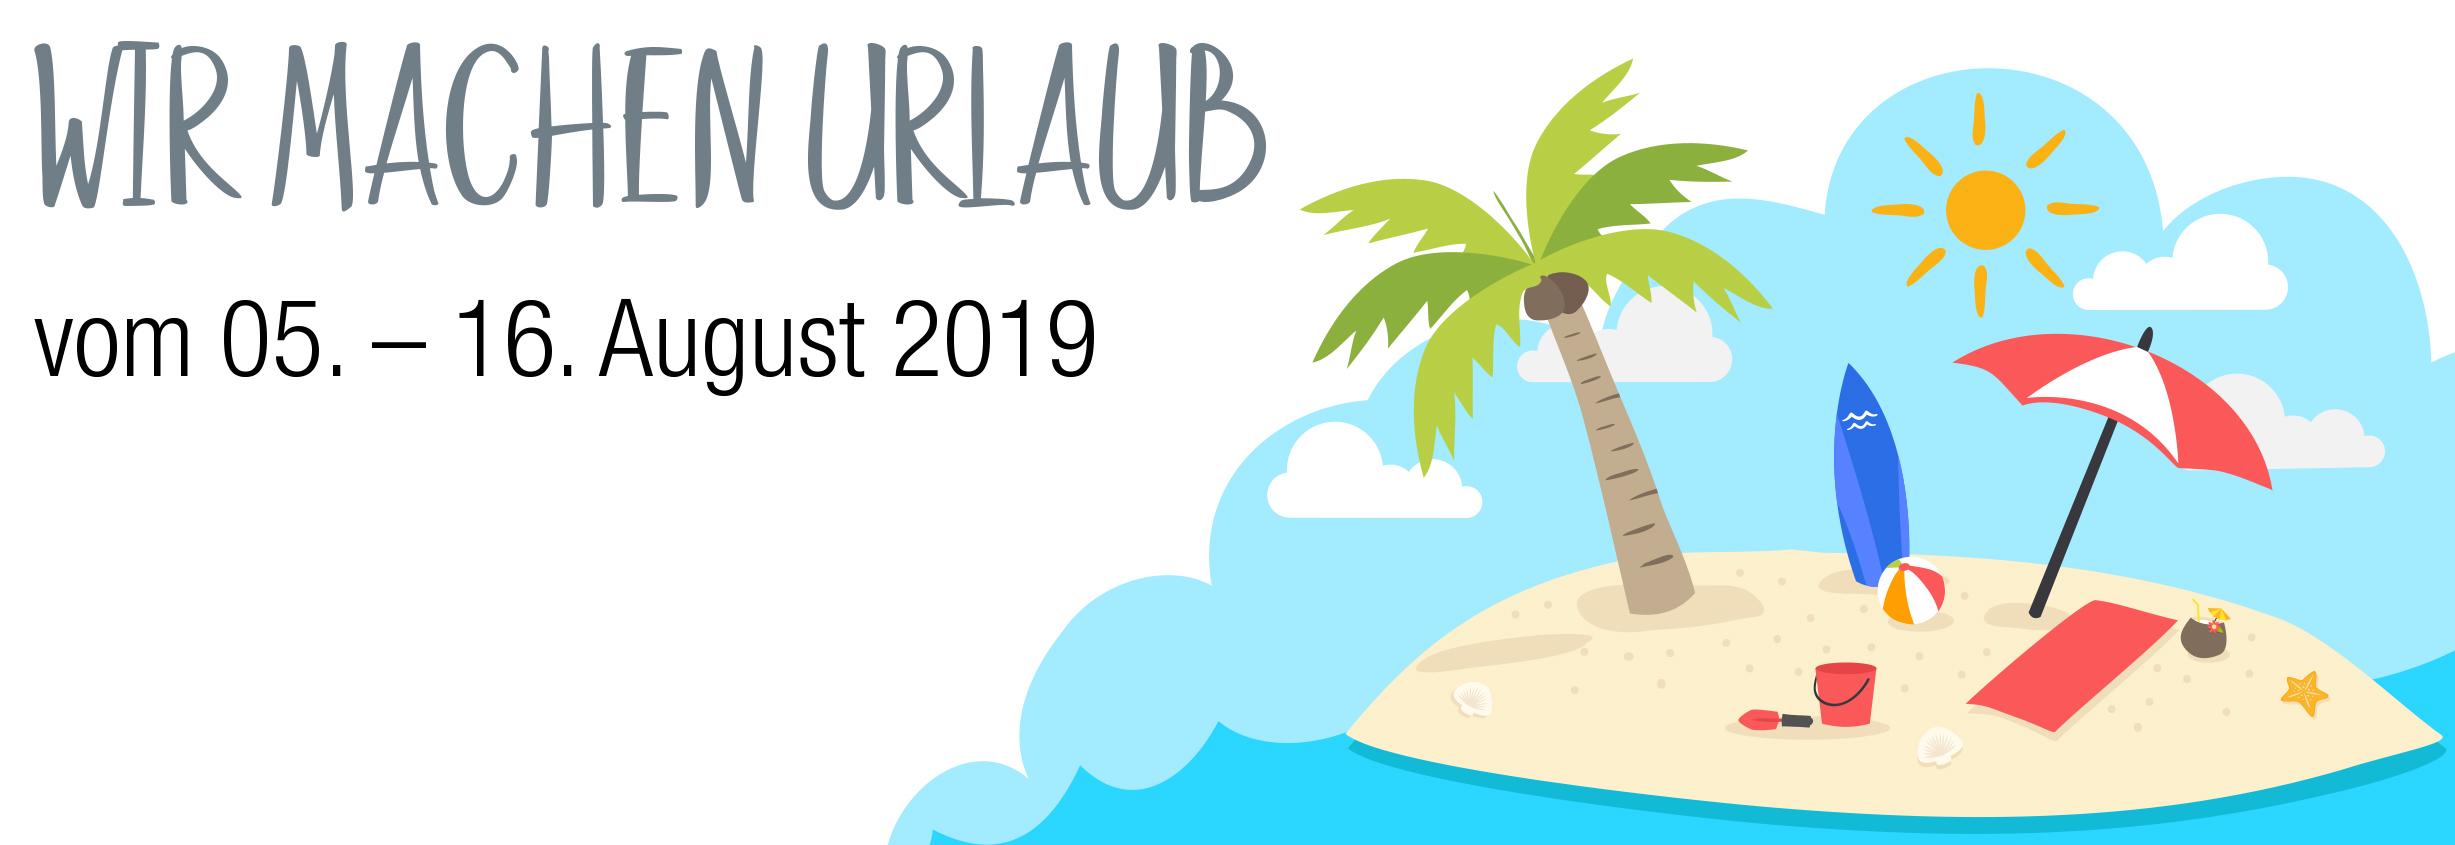 Holding Sommer Urlaub 2019